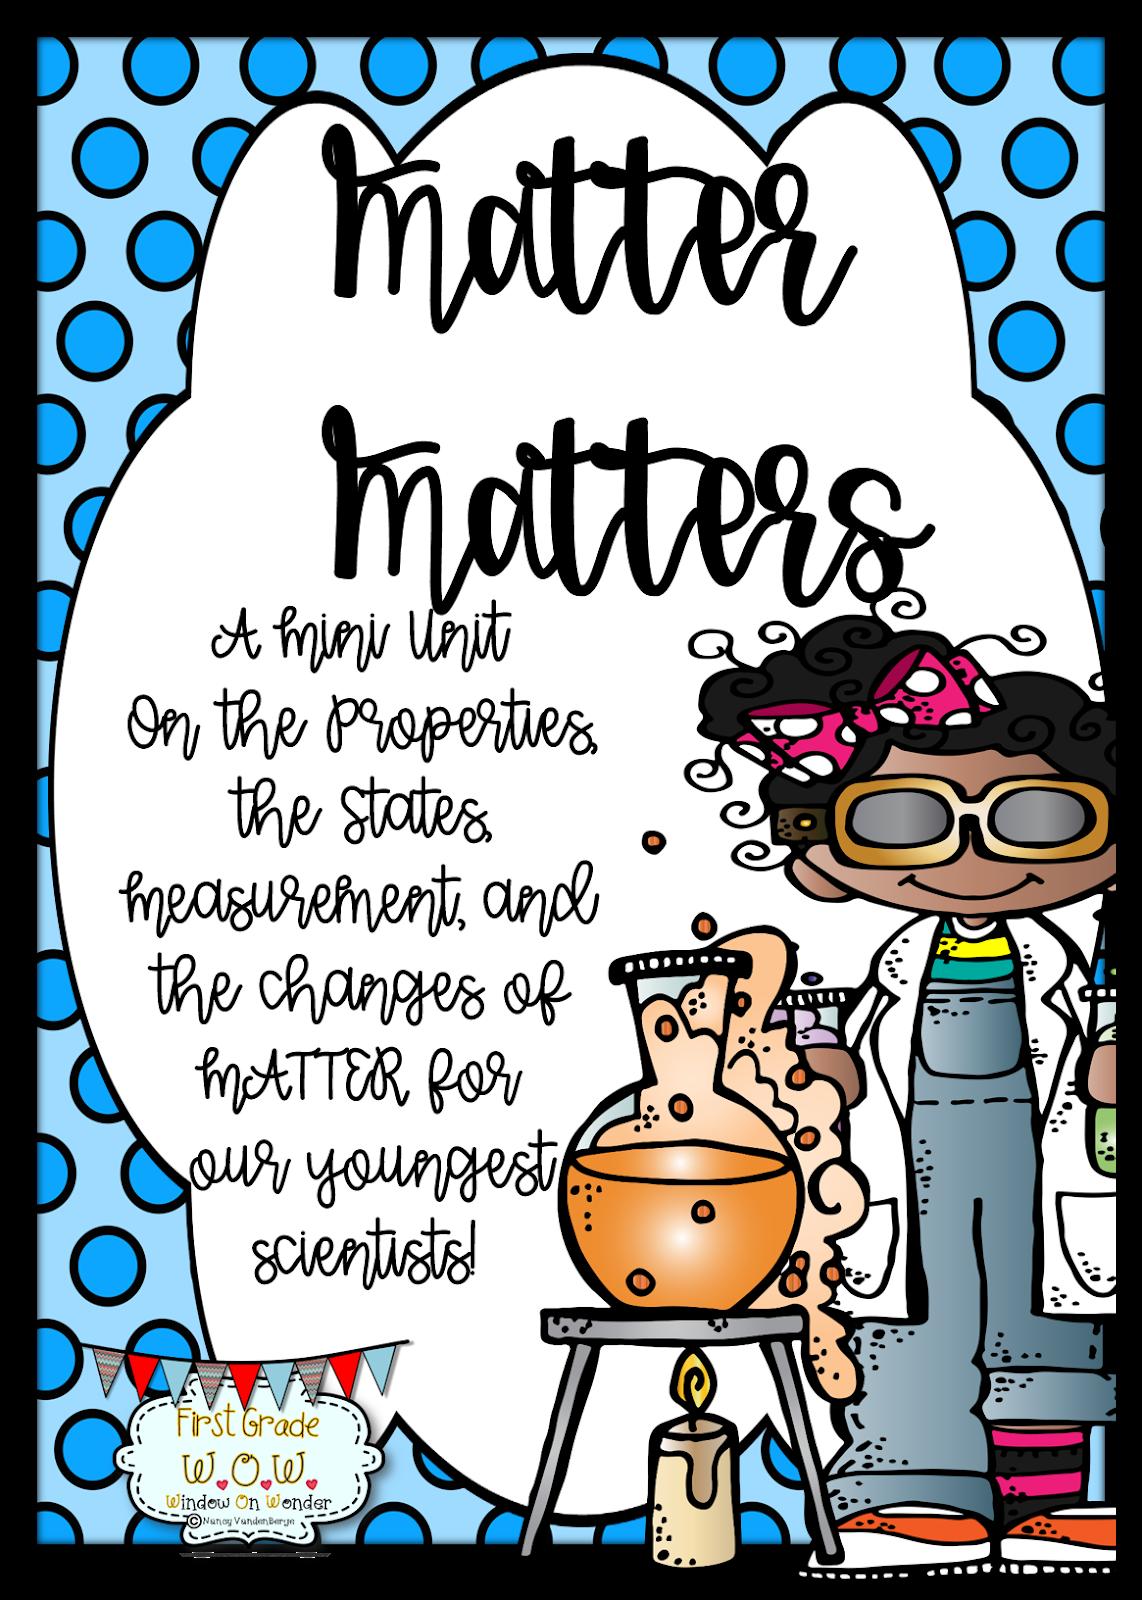 First Grade Wow Matter Matters